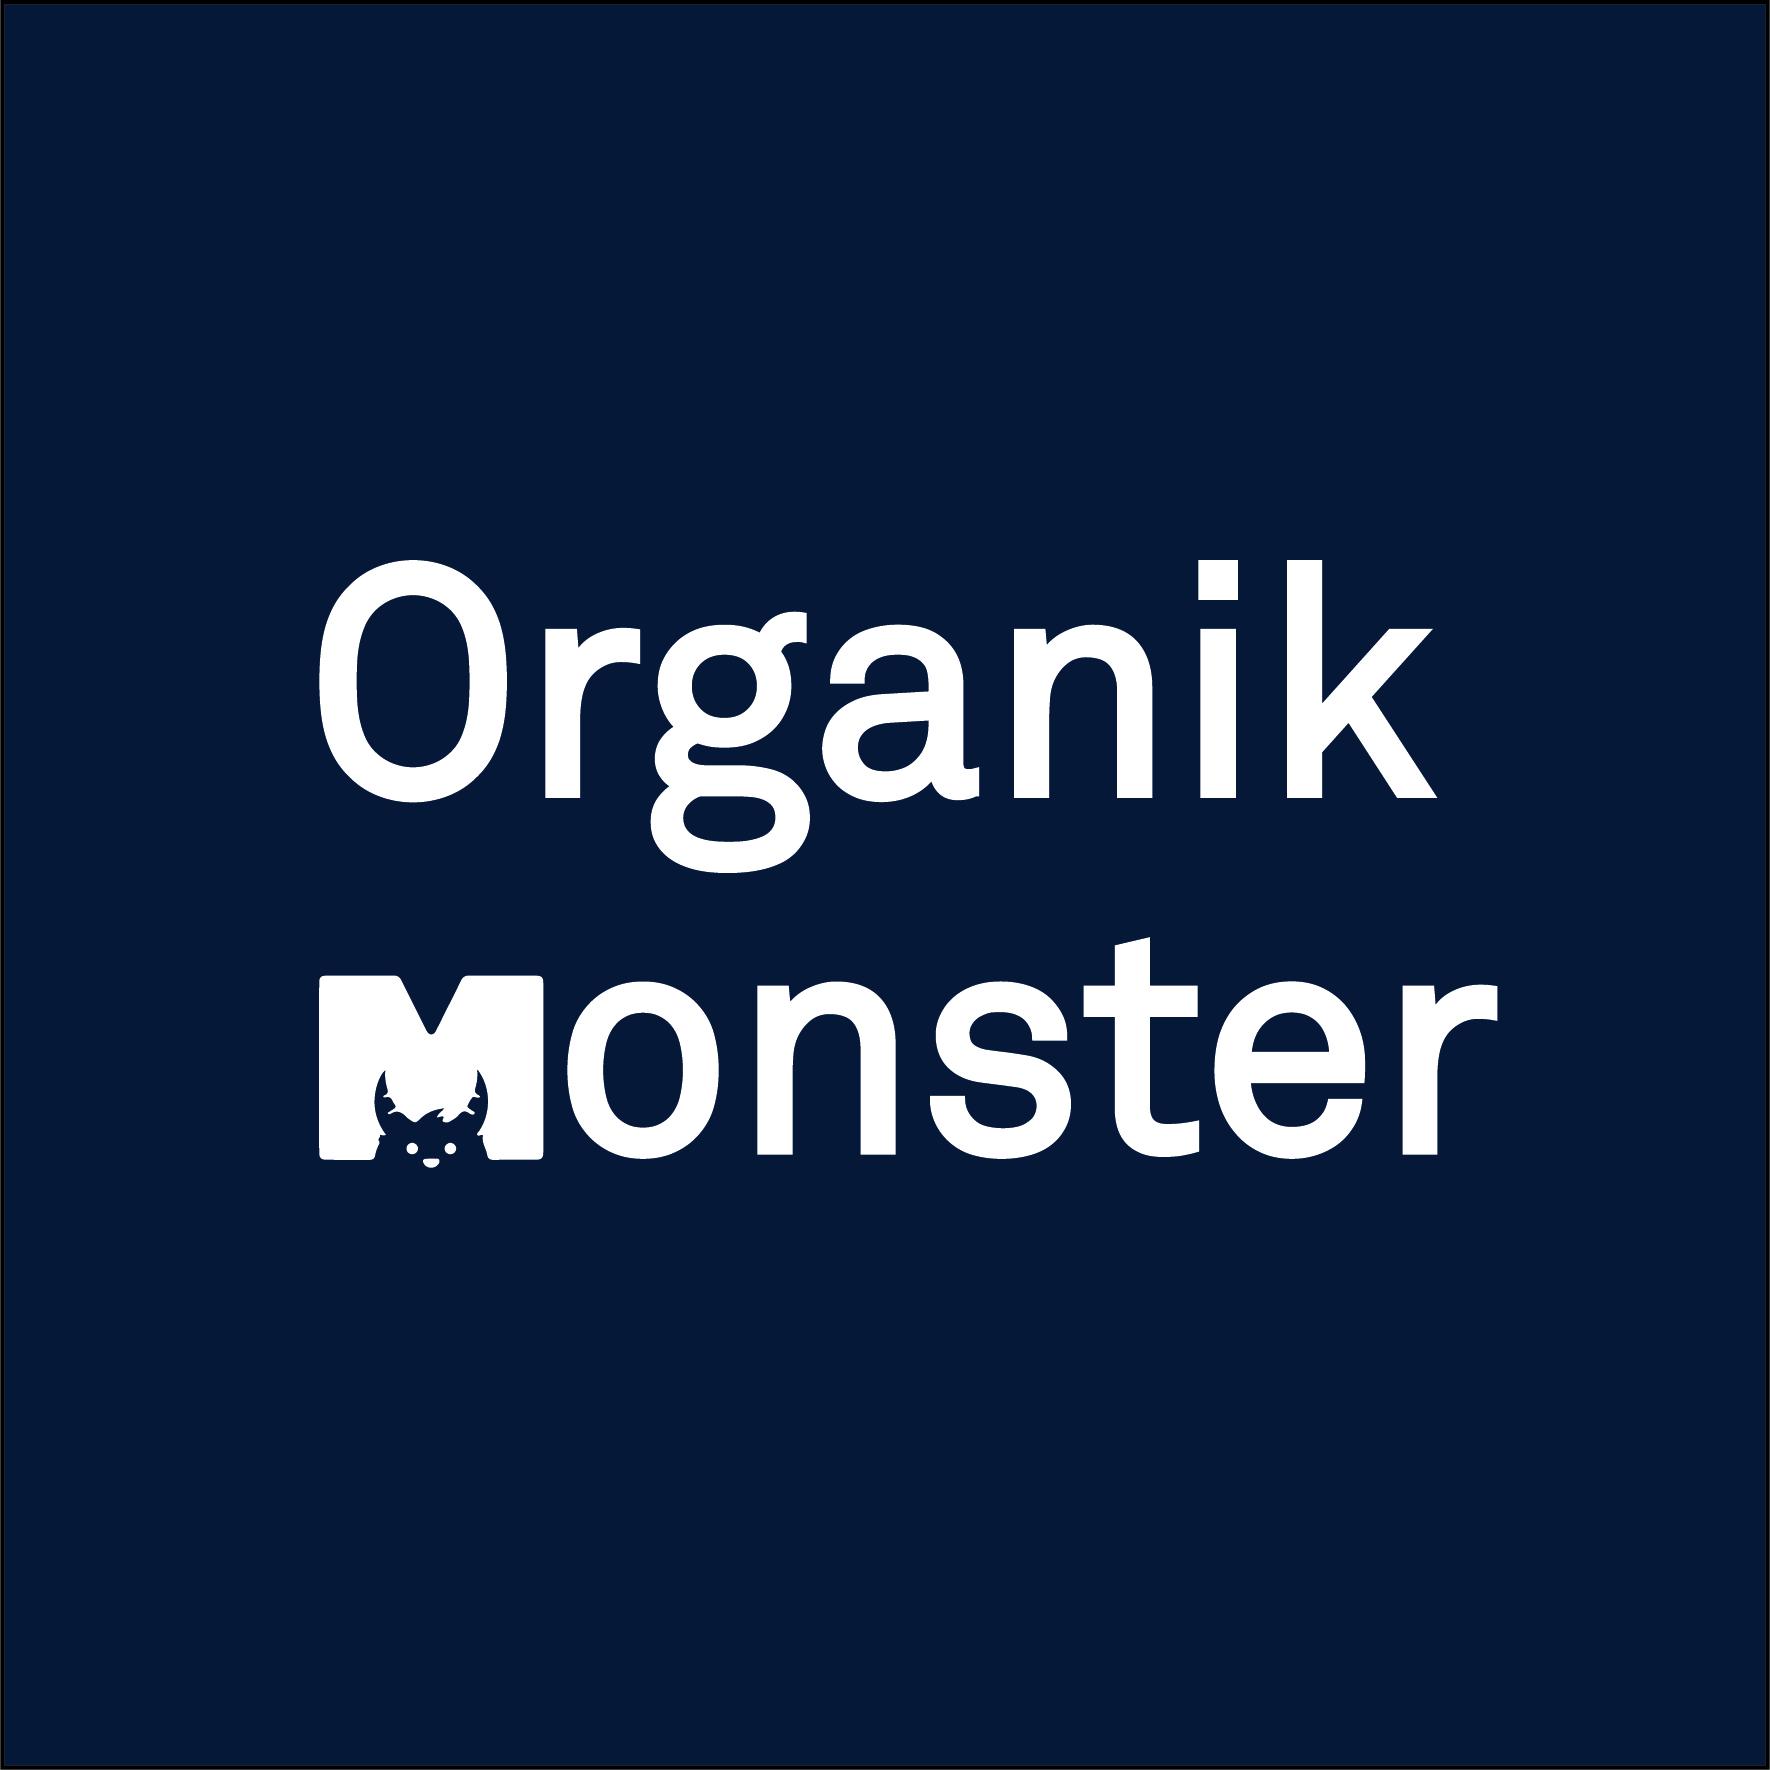 Organik Monster